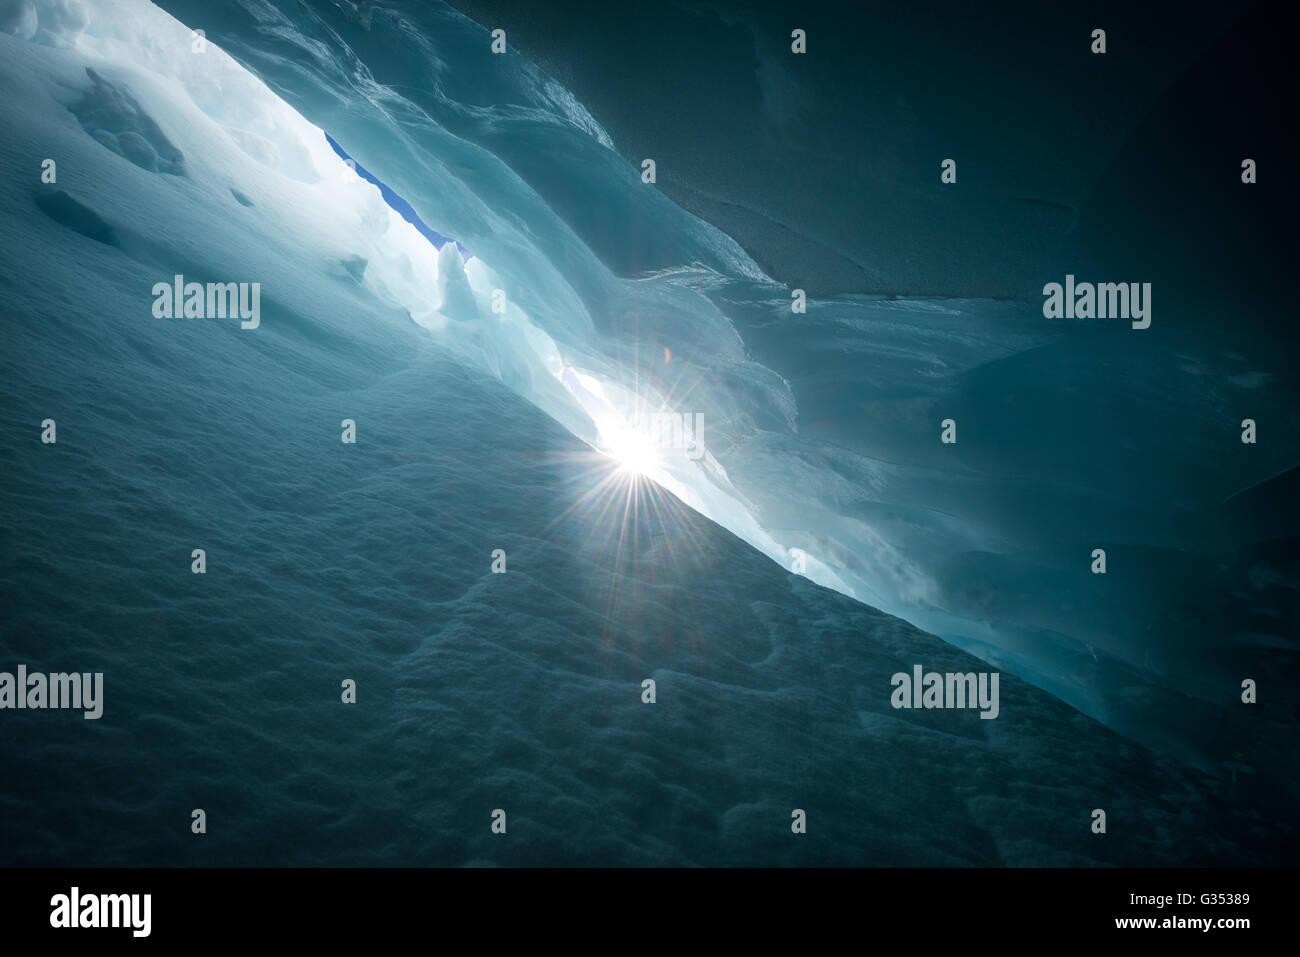 Sonne Sterne tief in eine Gletscherspalte am Blackcomb Gletscher Stockbild